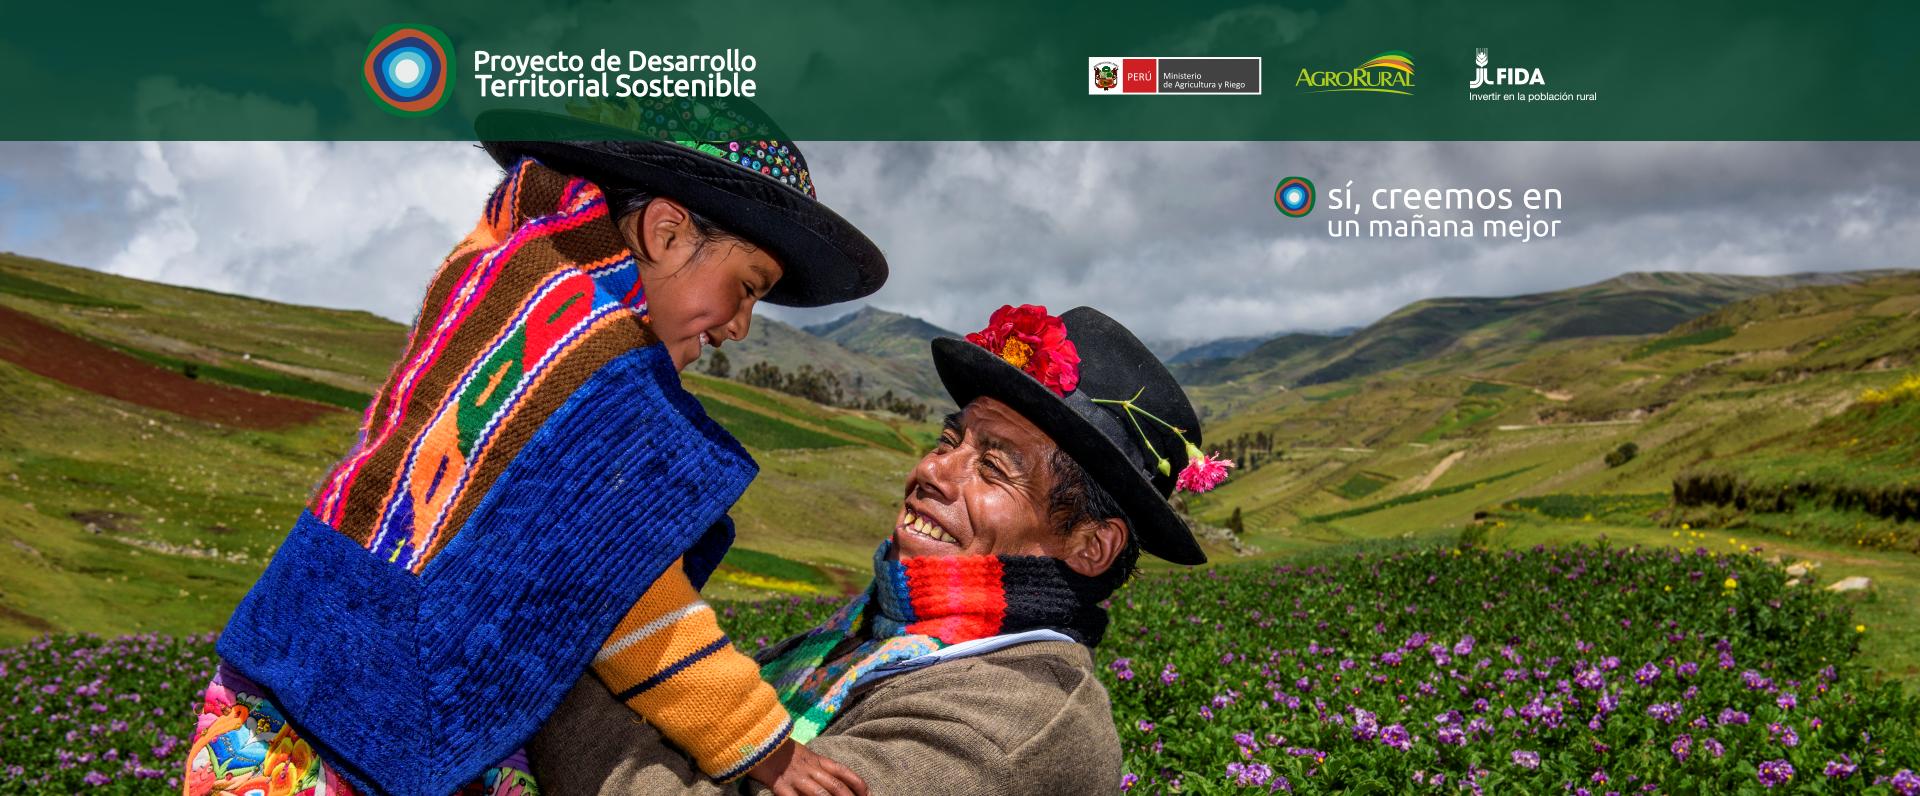 Proyecto de Desarrollo Territorial Sostenible - PDTS